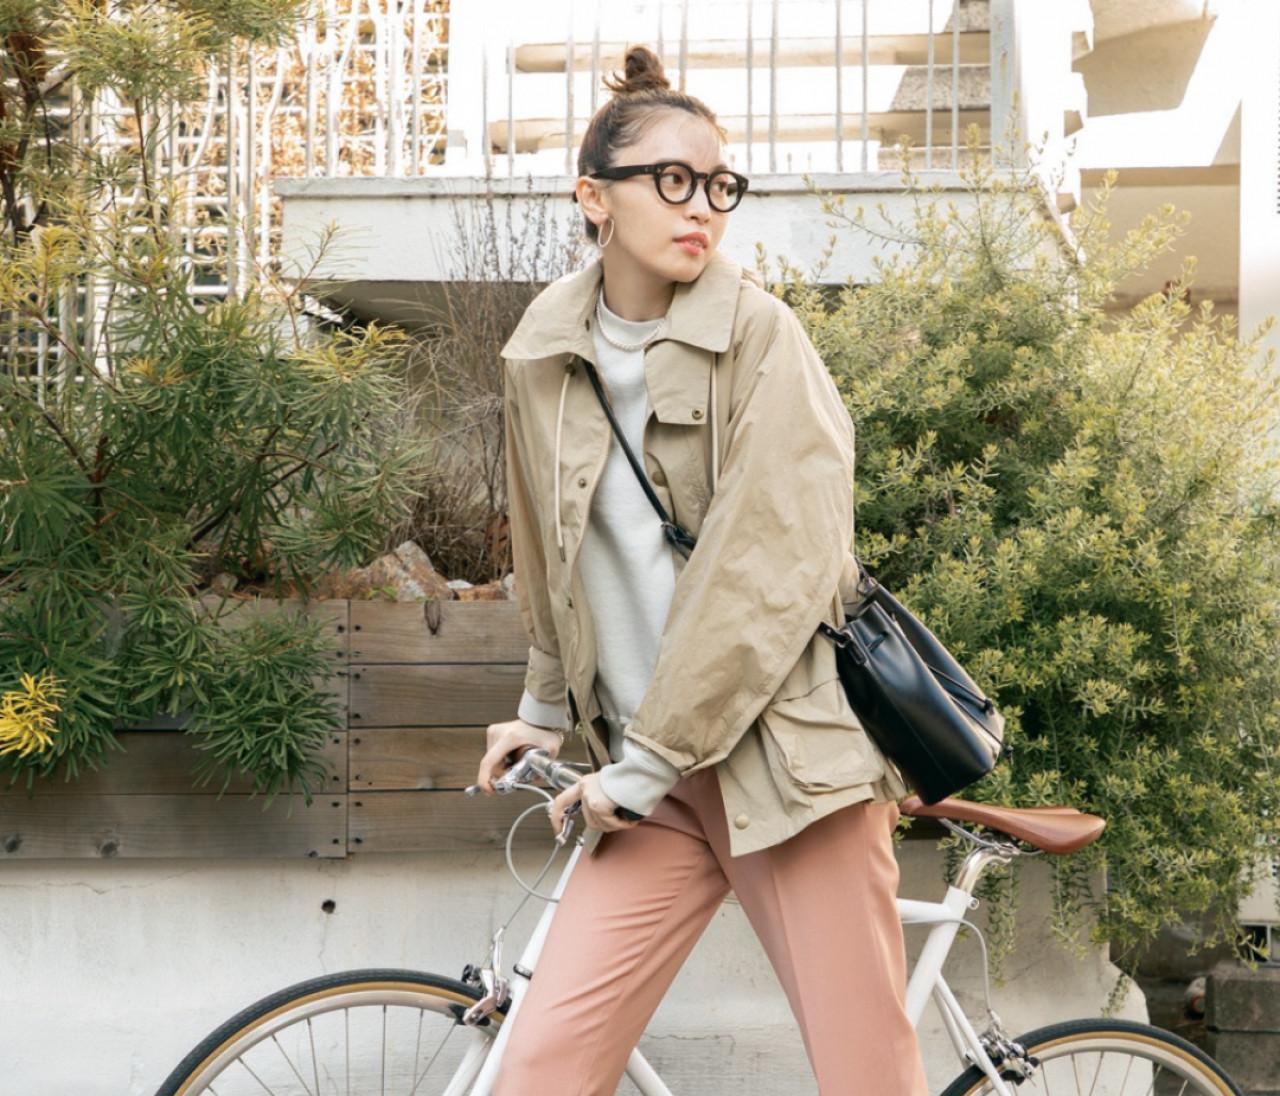 月曜日は、ピンクのきれいめパンツでカジュアルスタイルを都会的に【30代今日のコーデ】